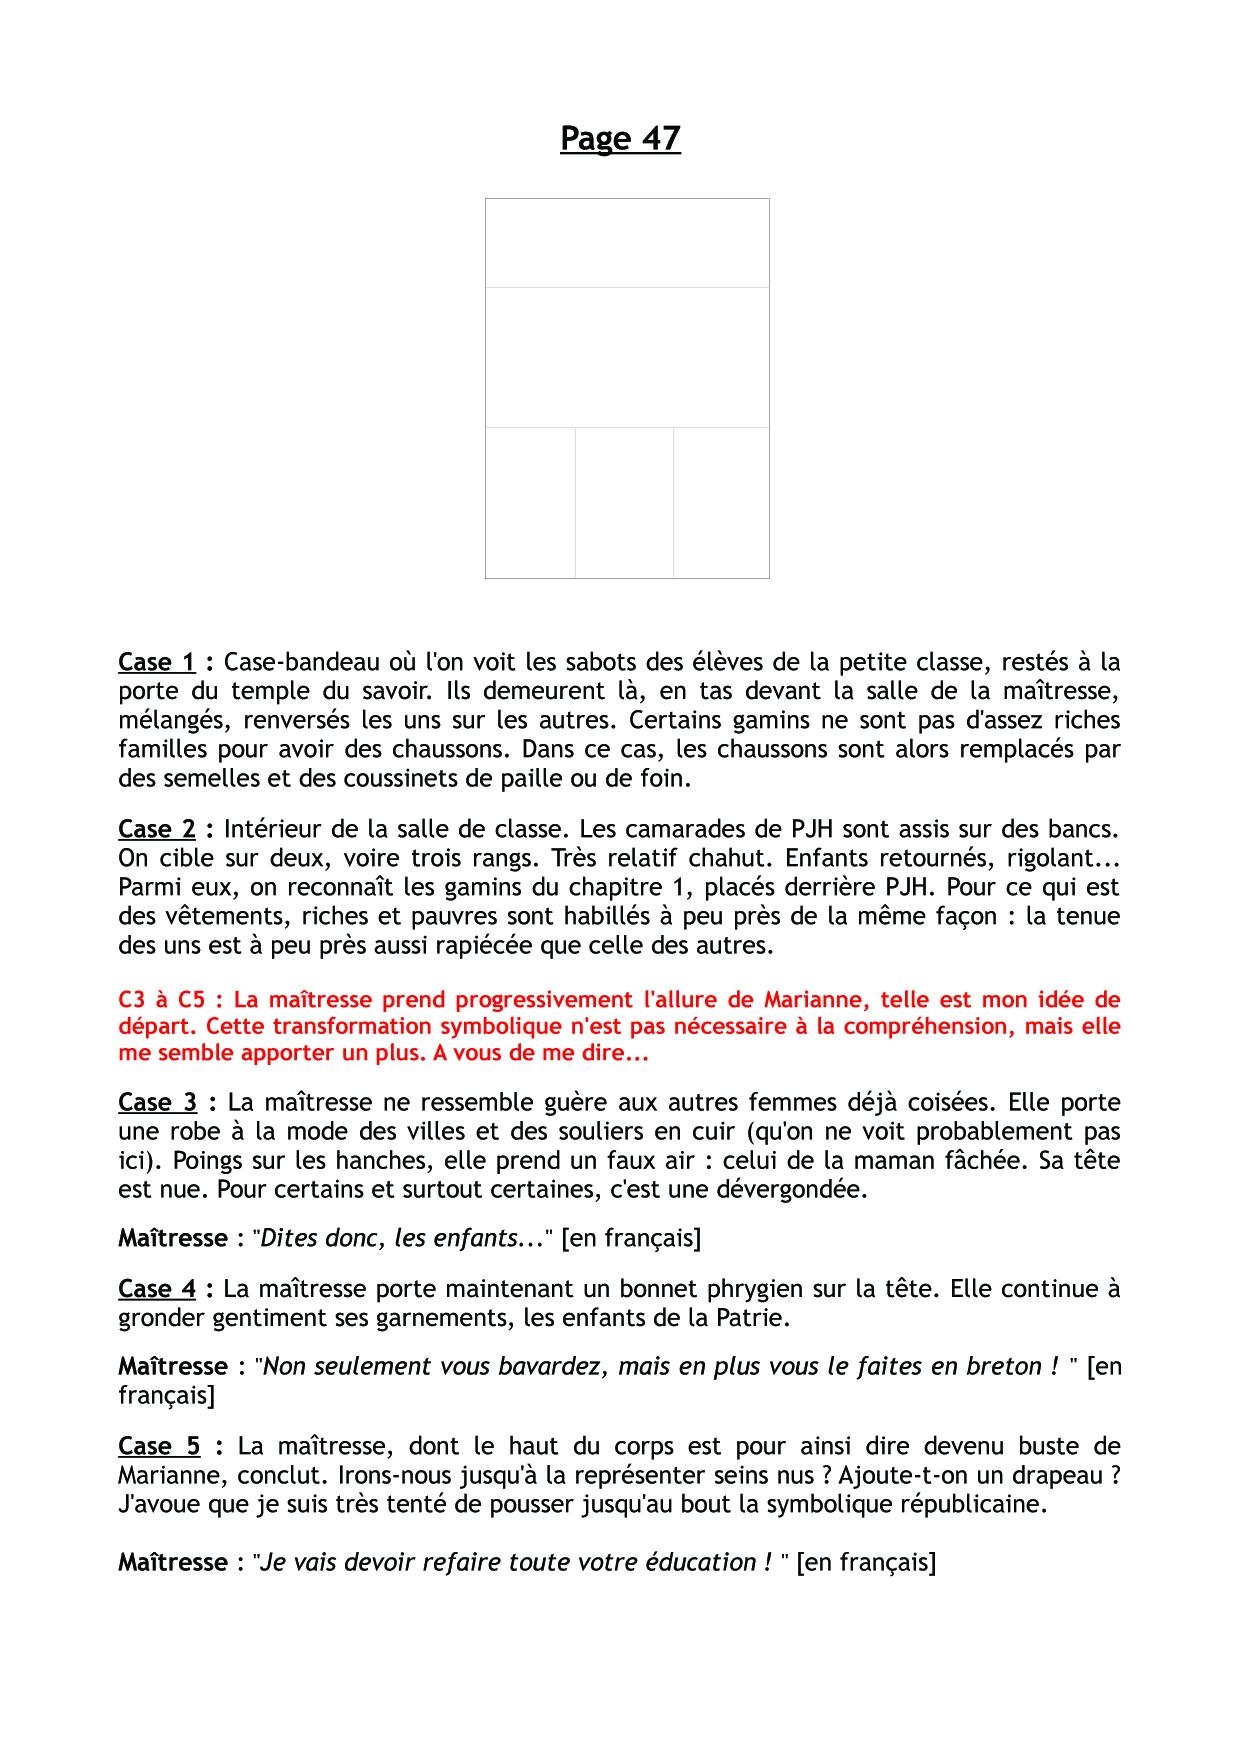 le Cheval d'Orgueil, scénario de la planche 47  © Soleil / Lizano / Galic